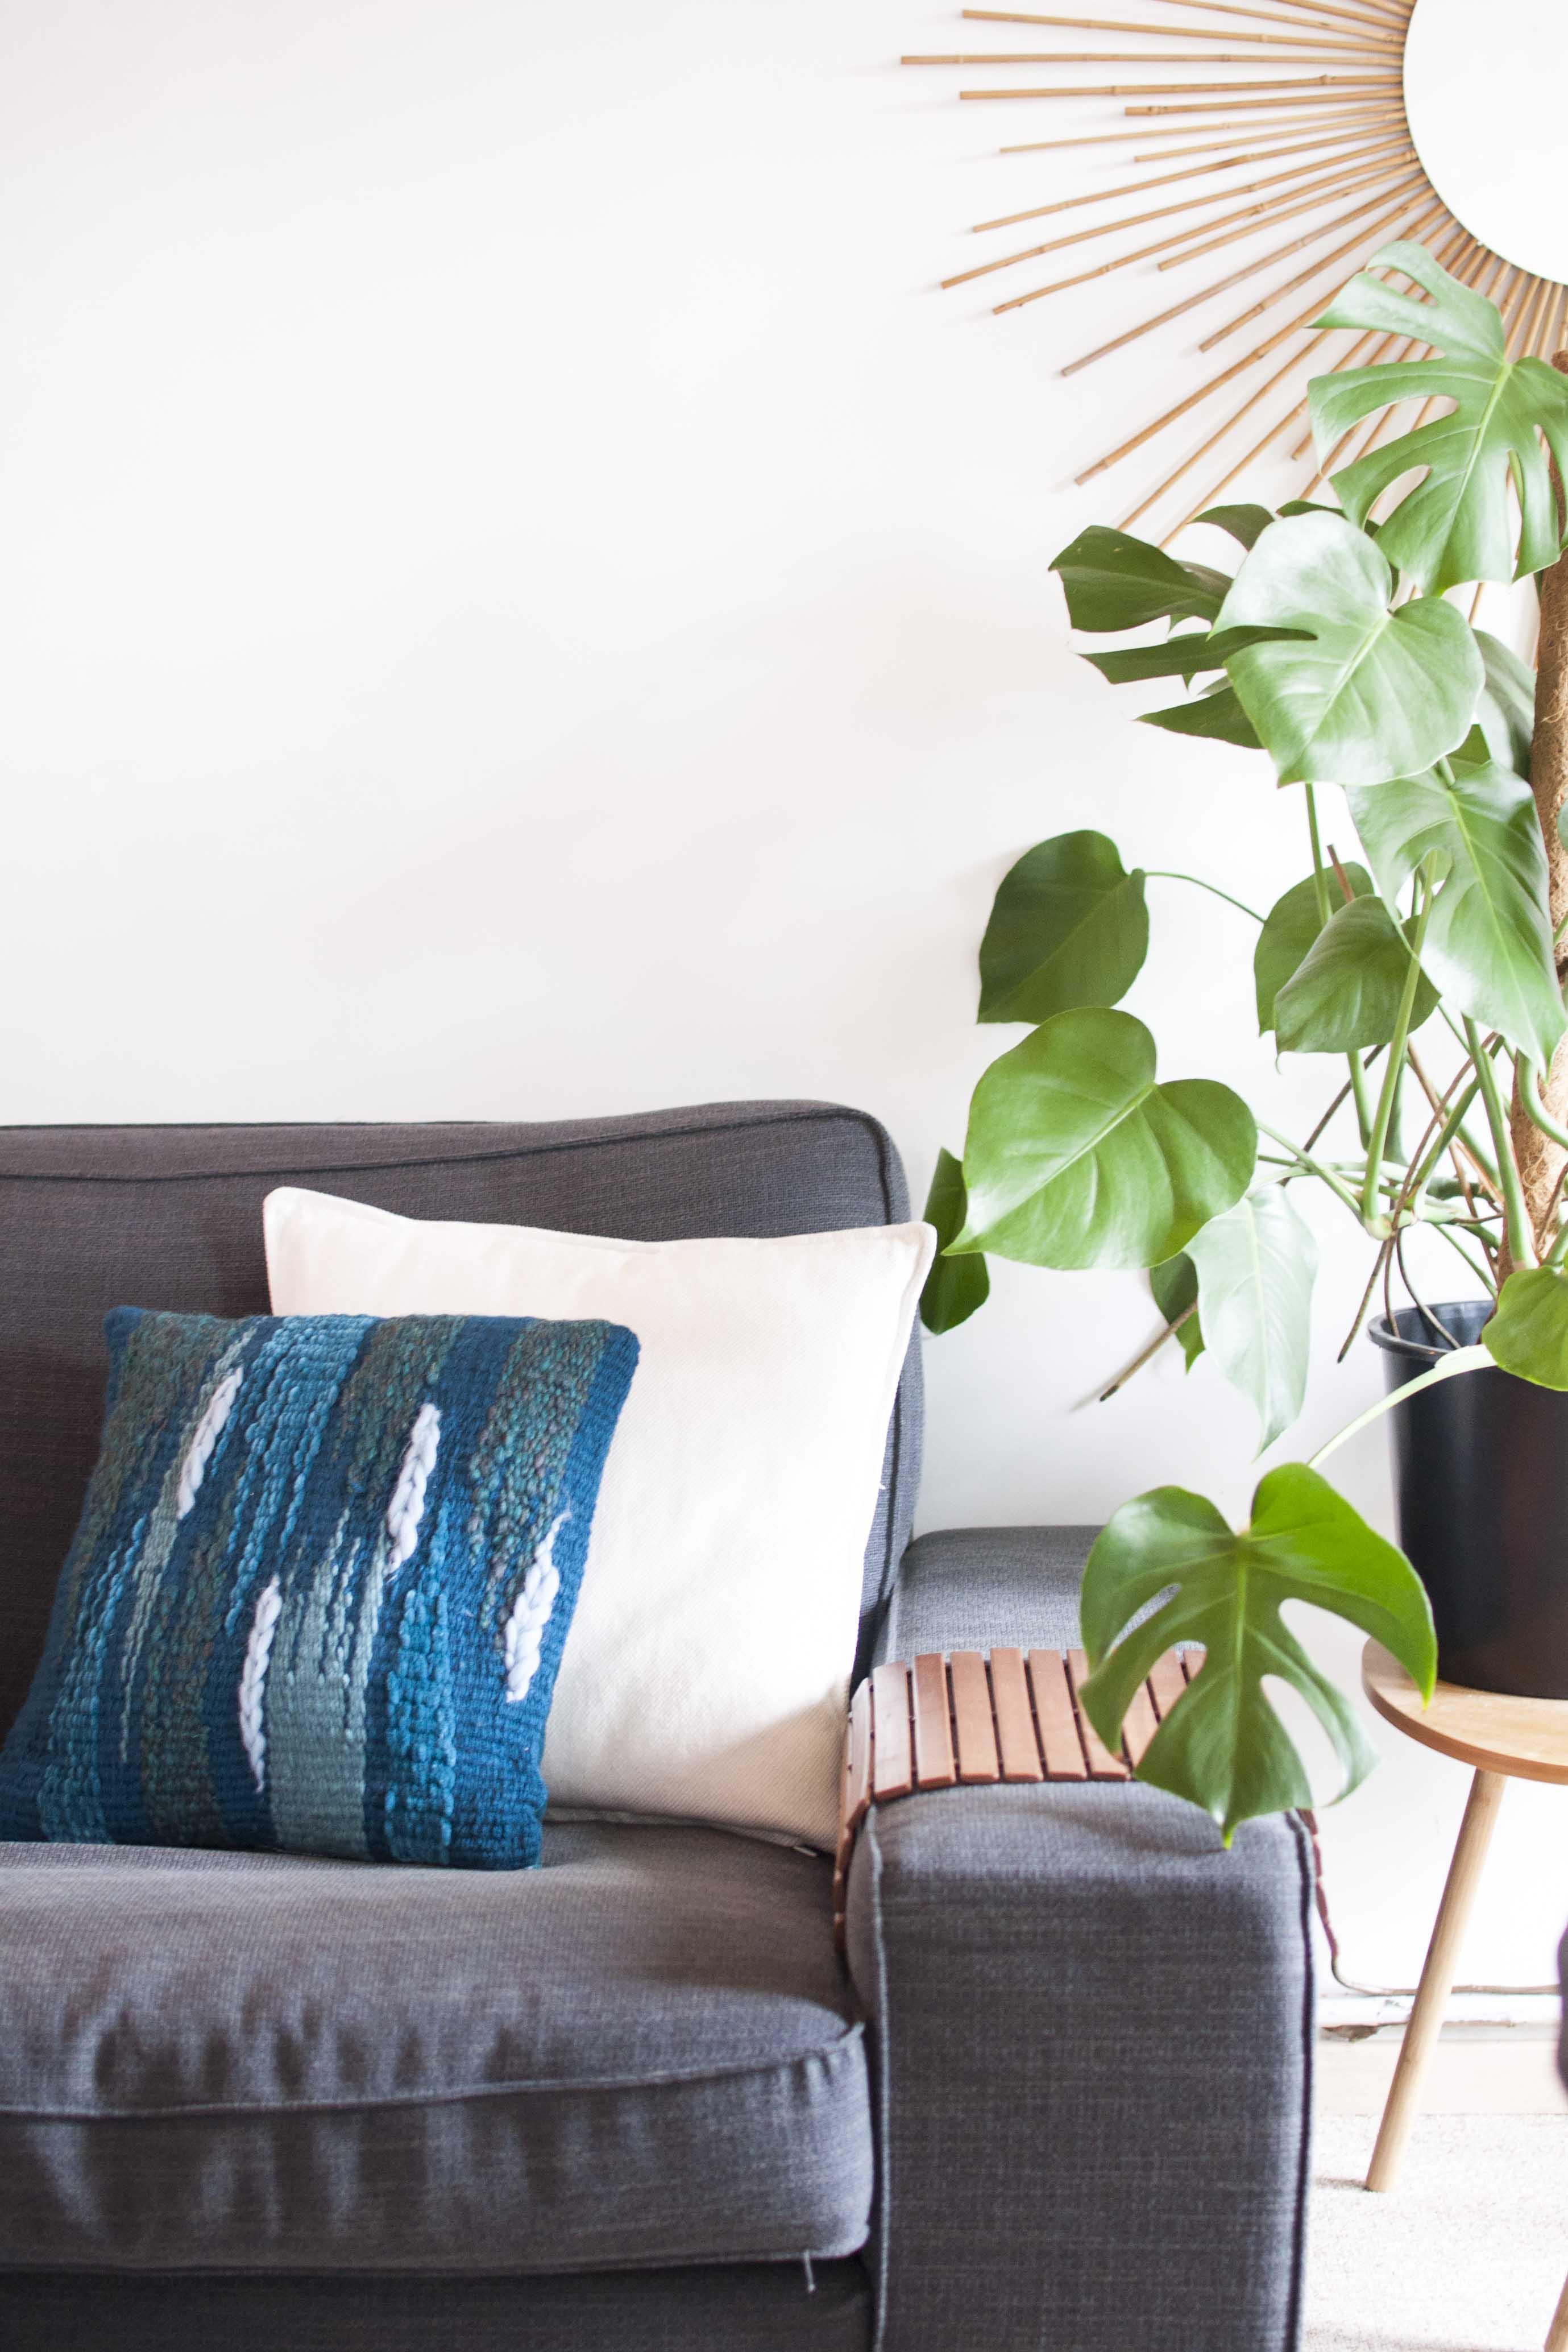 DIY woven pillow velvet weven veritas kussensloop naaien